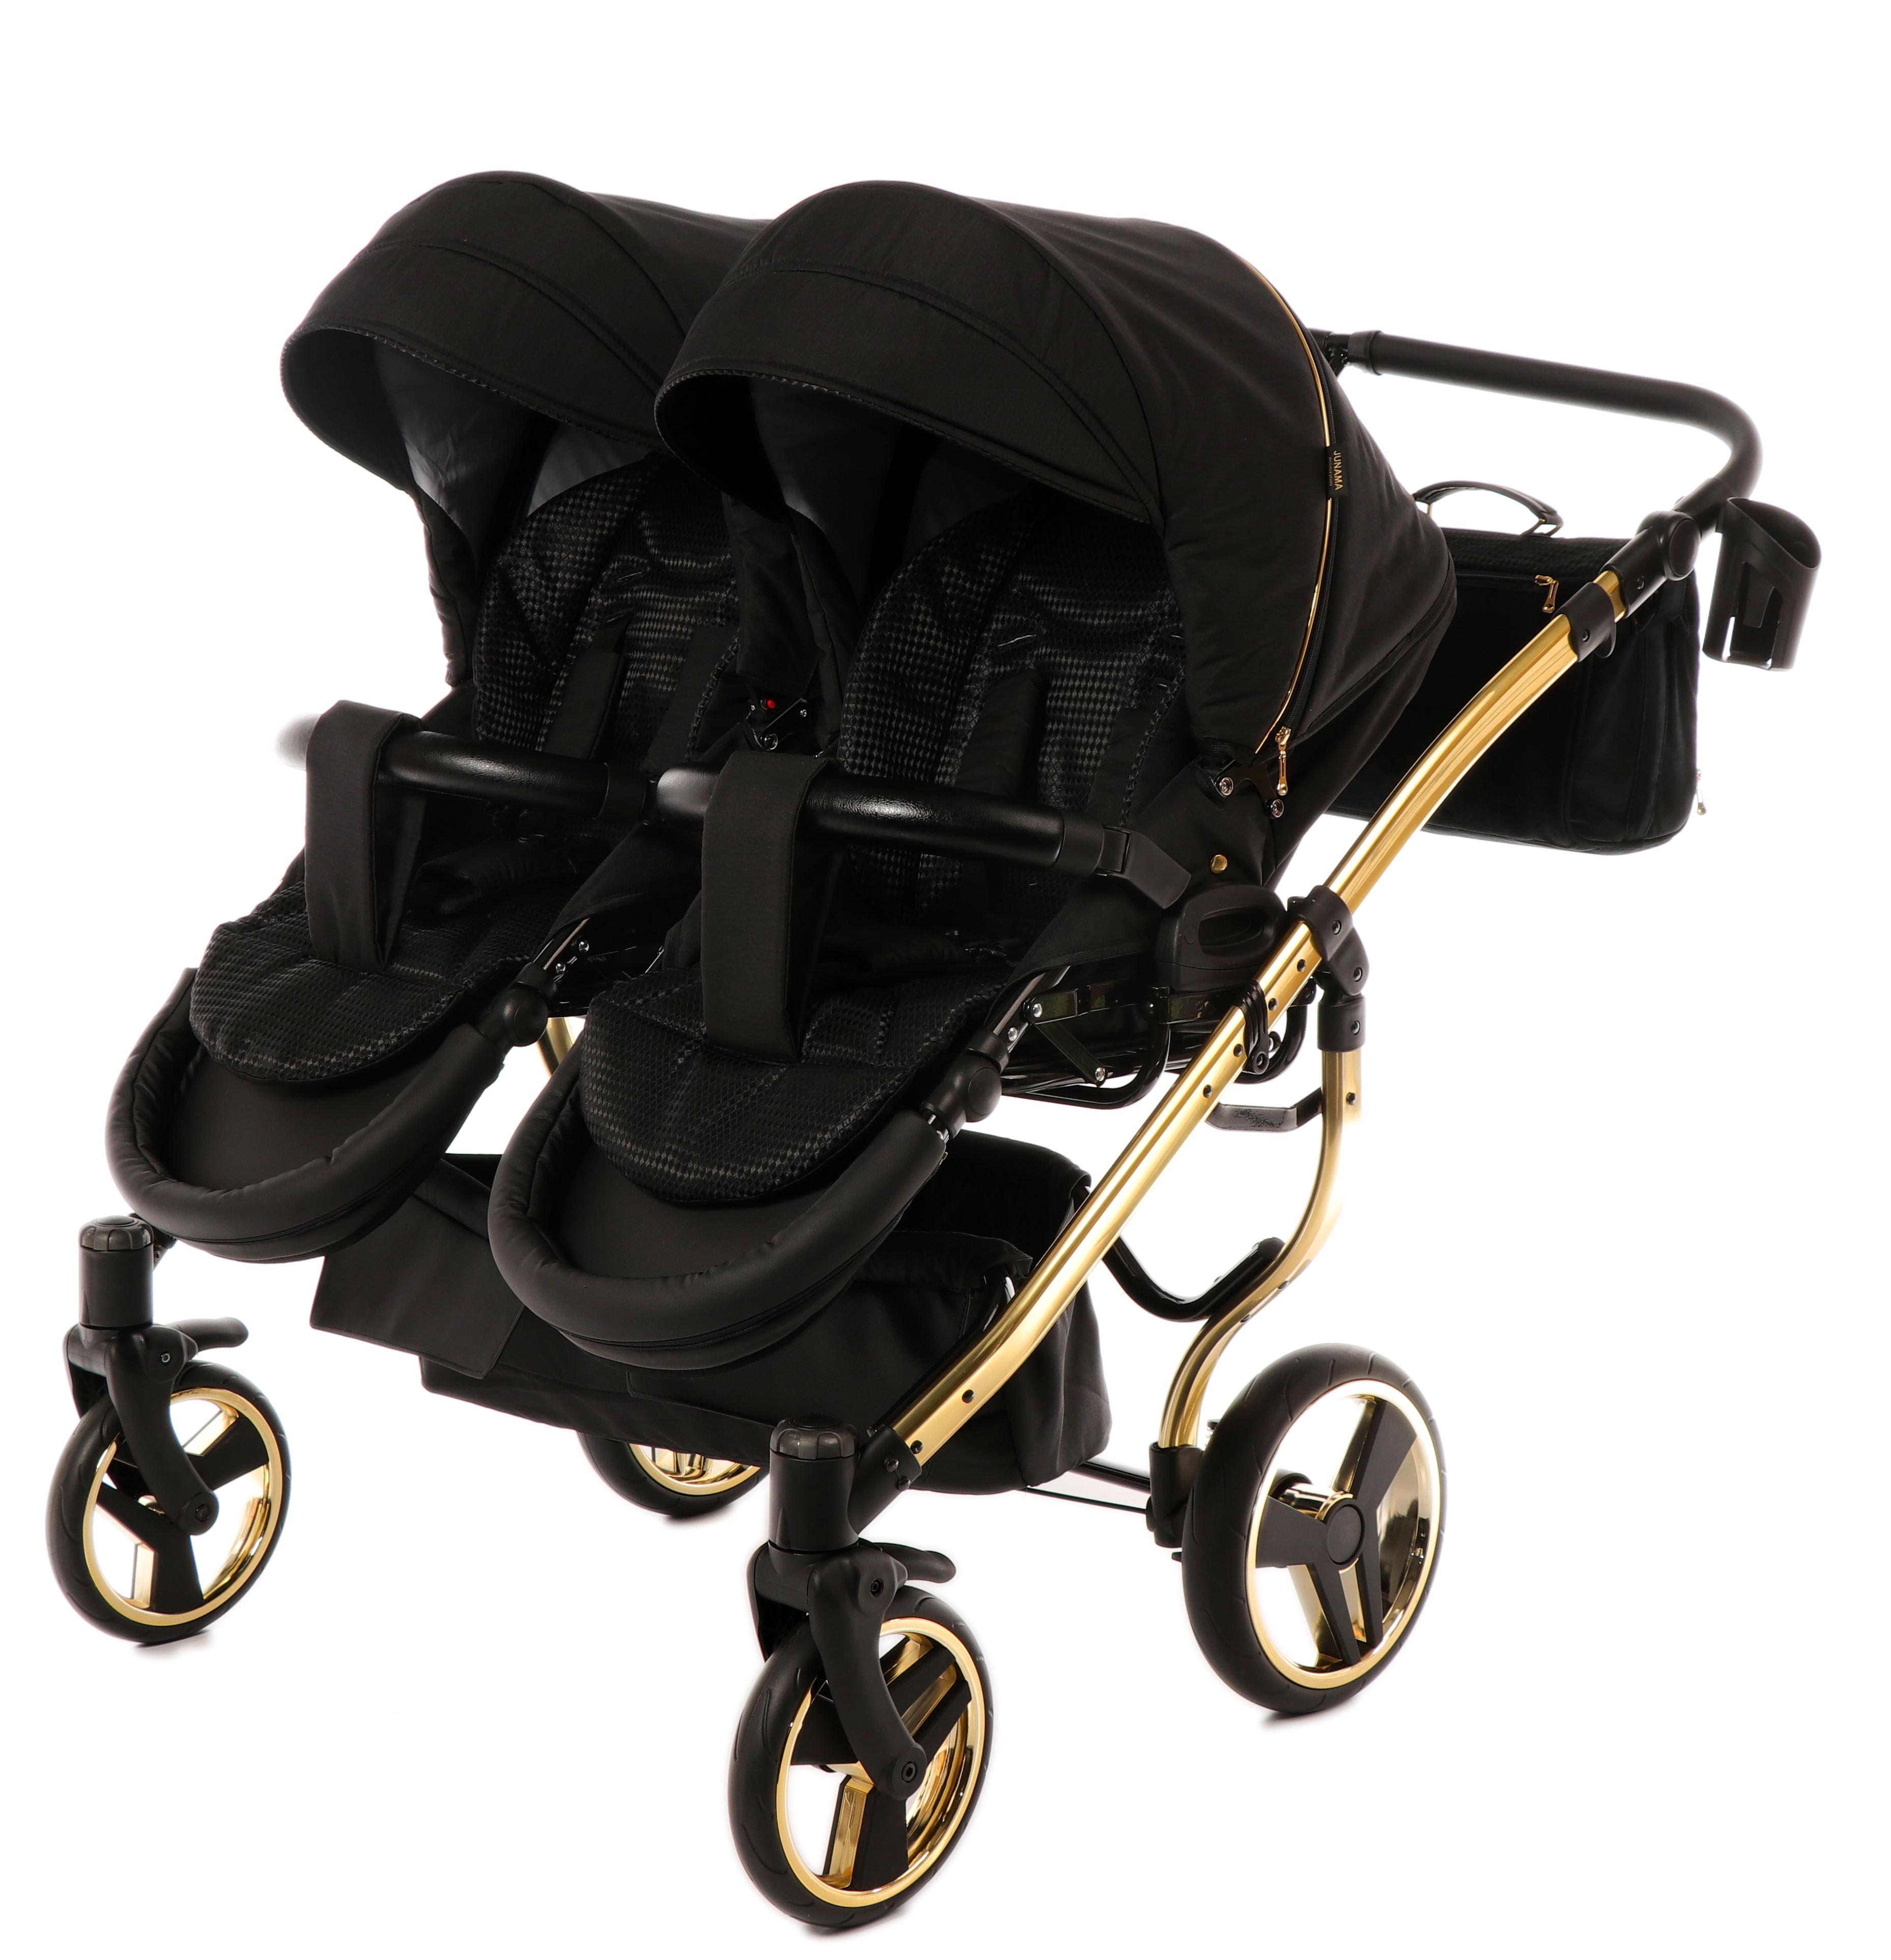 wózek bliźniaczy Junama Diamond s Line Duo wiielofunkcyjny spacerowy czarny elegancki